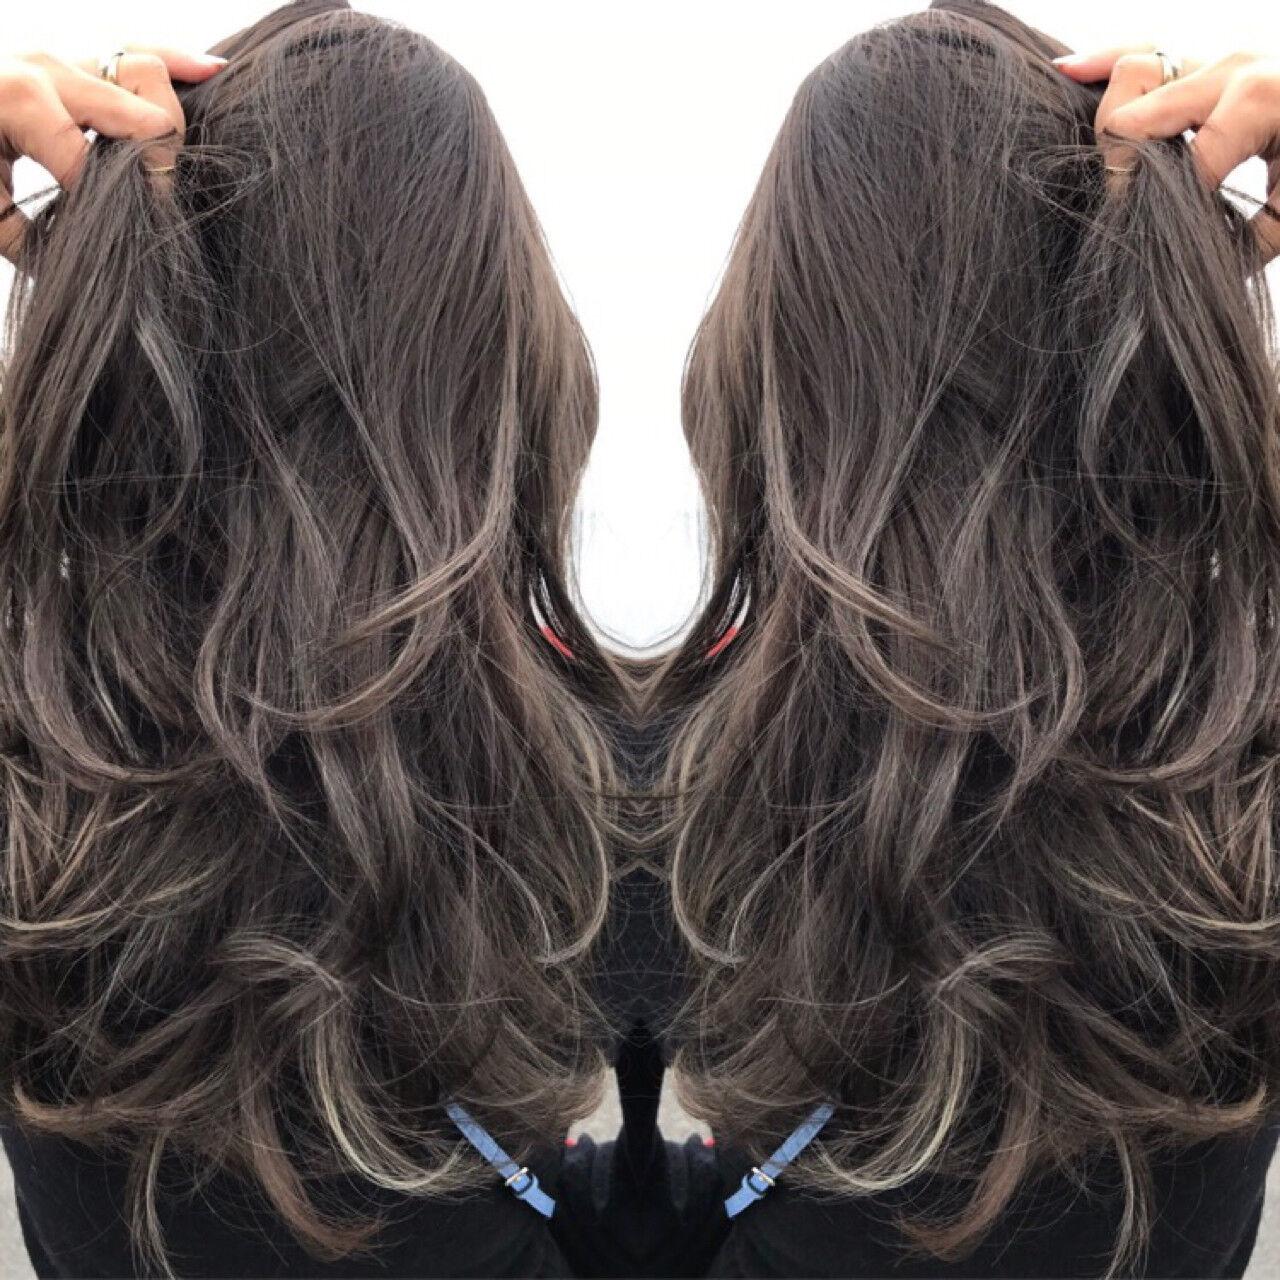 ウェーブ ニュアンス アッシュ ハイライトヘアスタイルや髪型の写真・画像